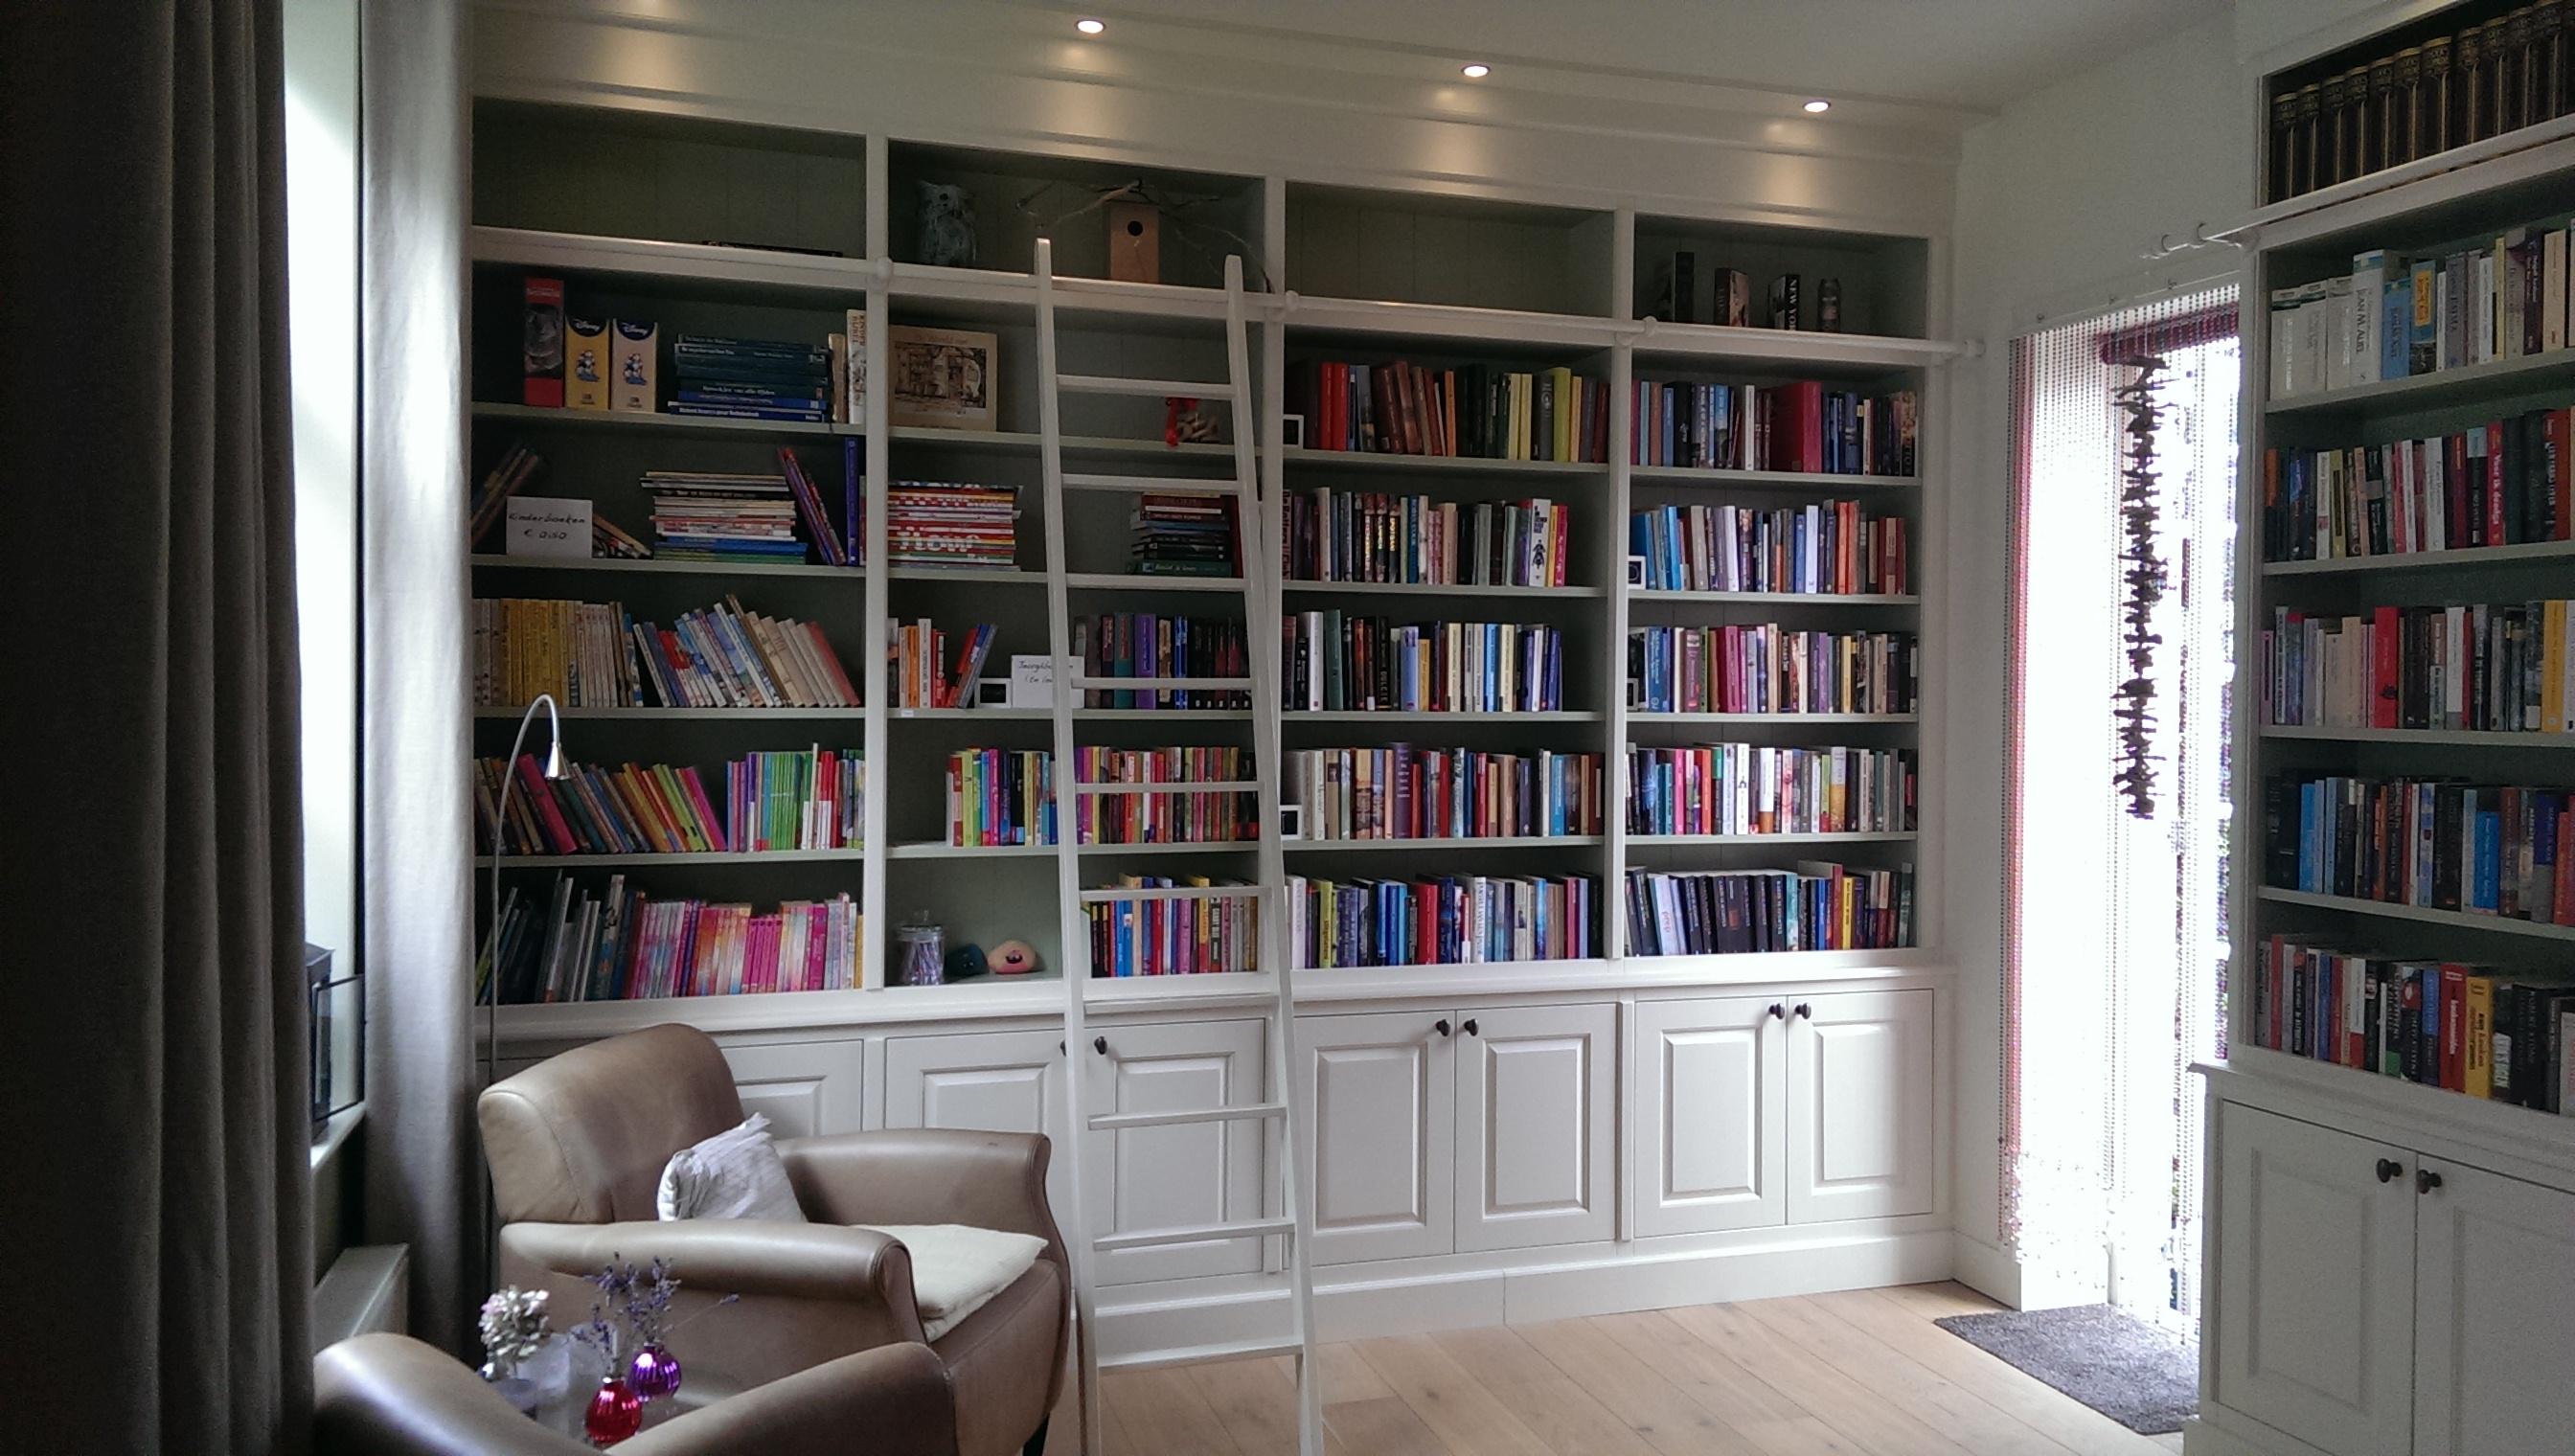 De Bibliotheek Kamer : Zelf een bibliotheek beginnen zwerven door het alledaagse